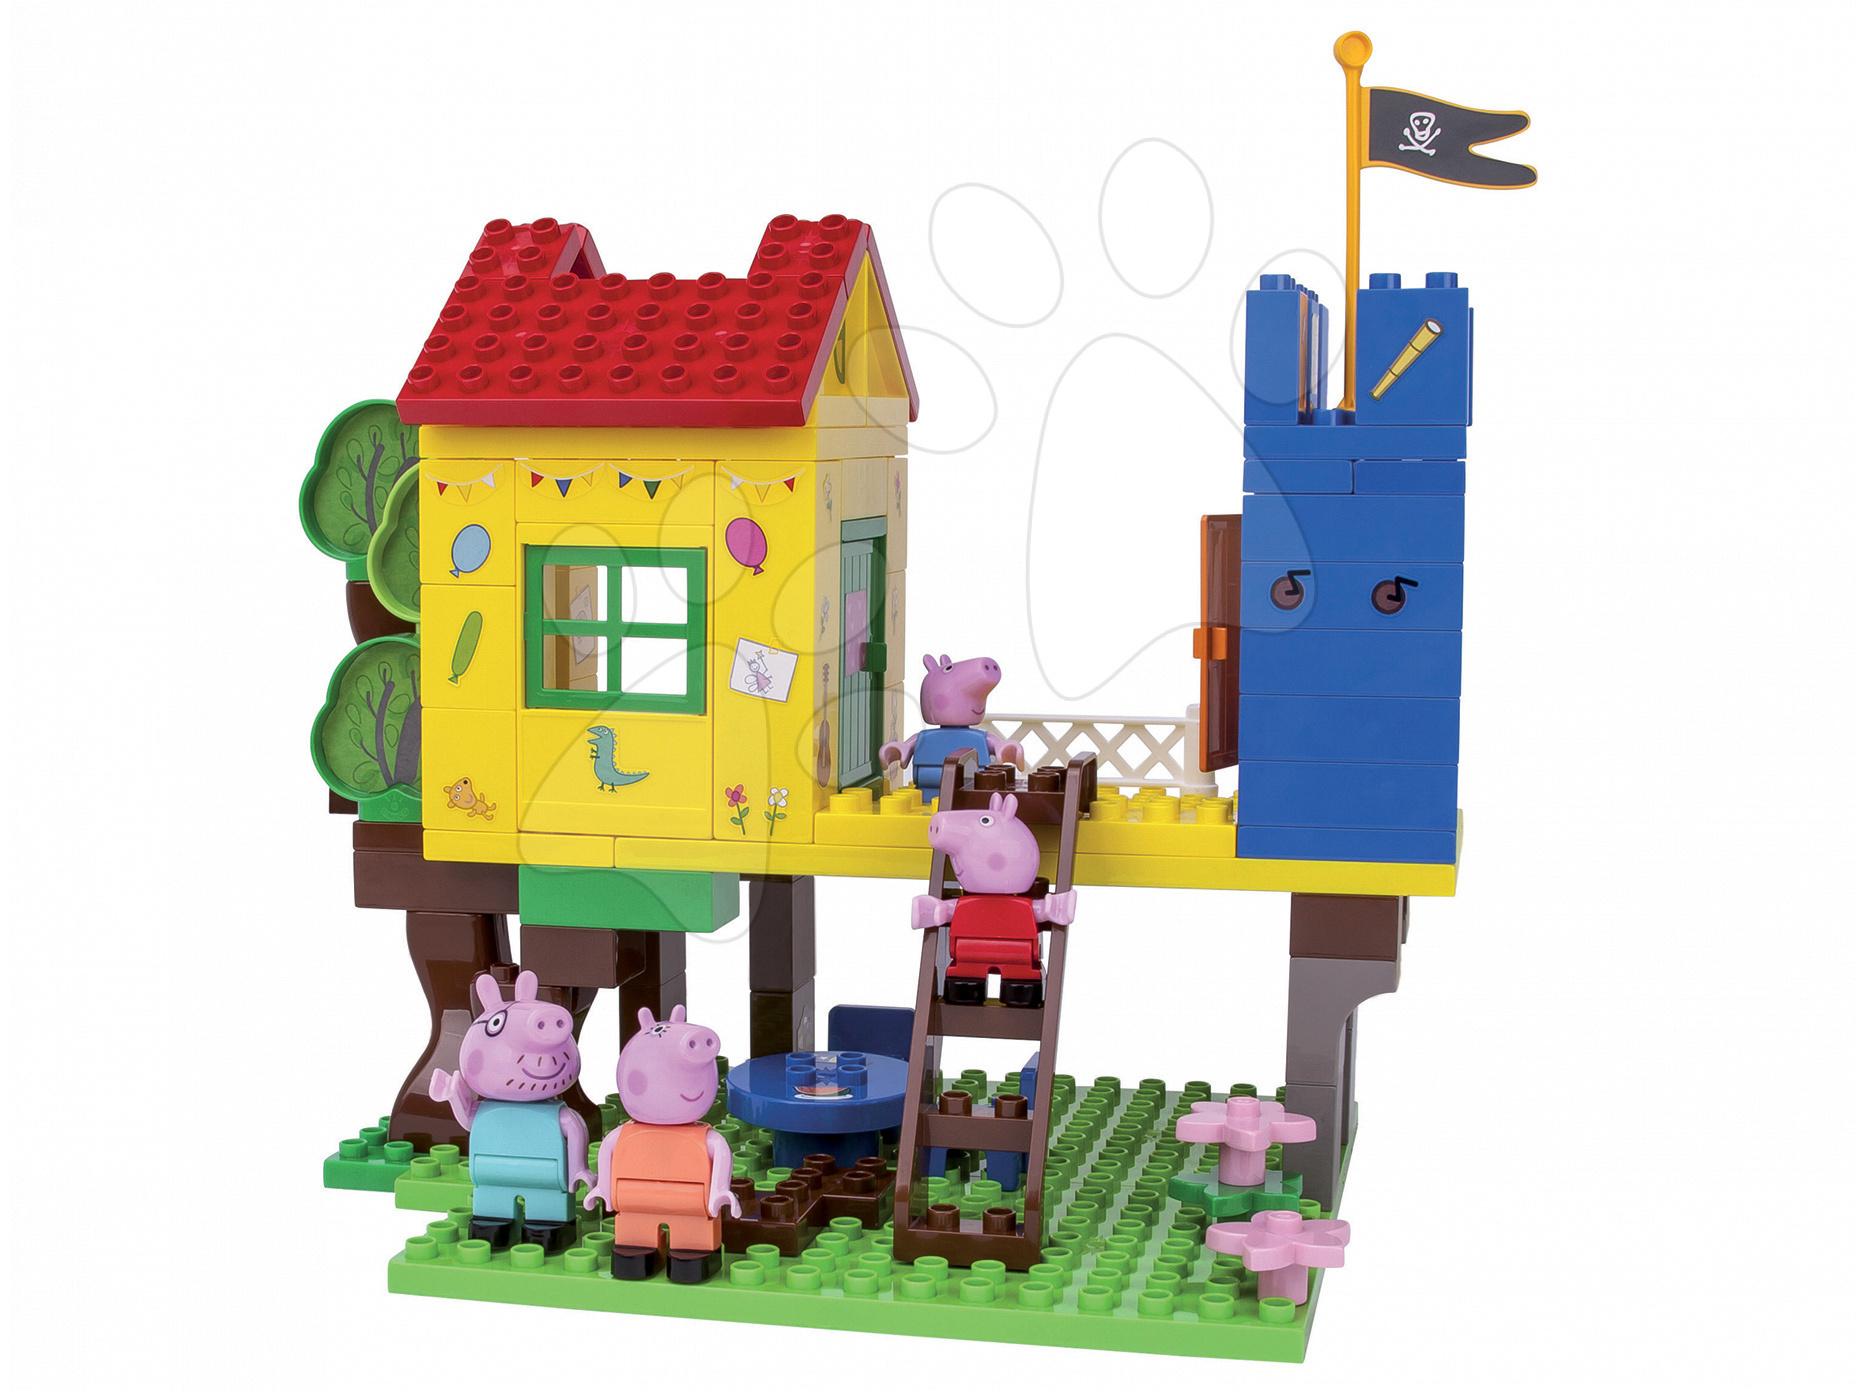 Stavebnice BIG-Bloxx ako lego - Stavebnica Peppa Pig v domčeku na strome PlayBIG Bloxx BIG so 4 figúrkami 94 dielov od 1,5-5 rokov